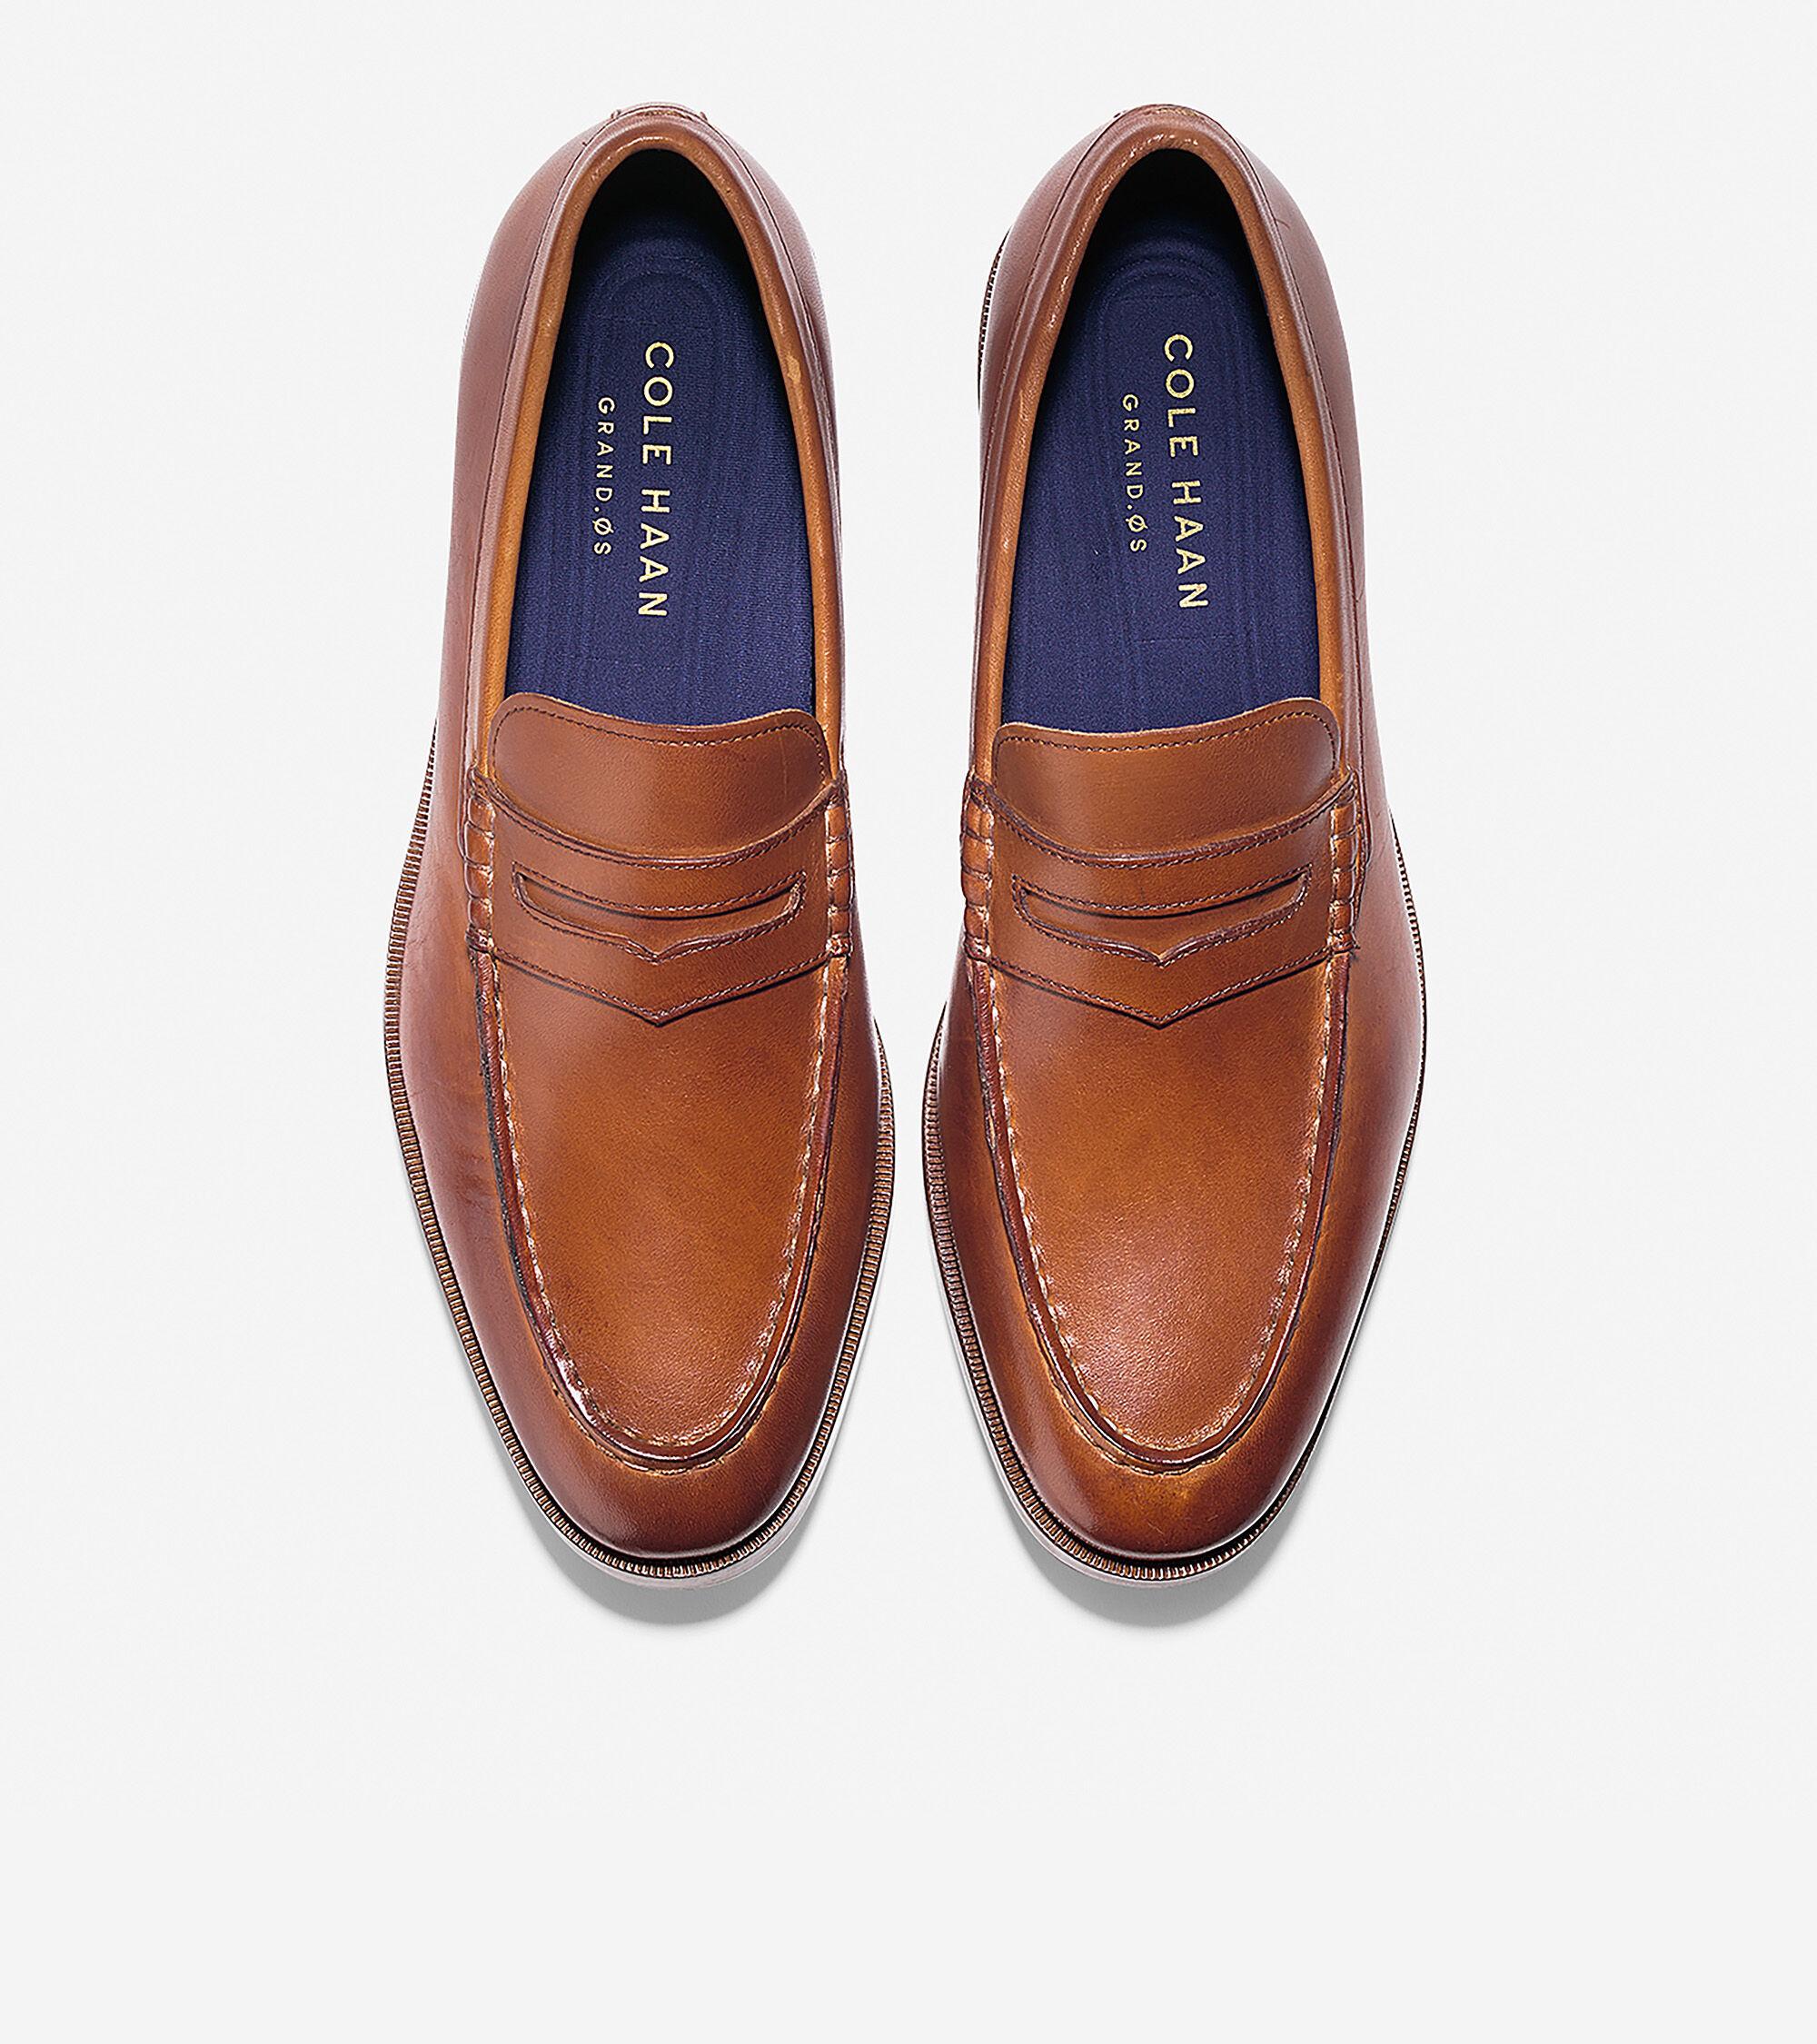 b069007971f Men s Hamilton Grand Penny Loafers in British Tan